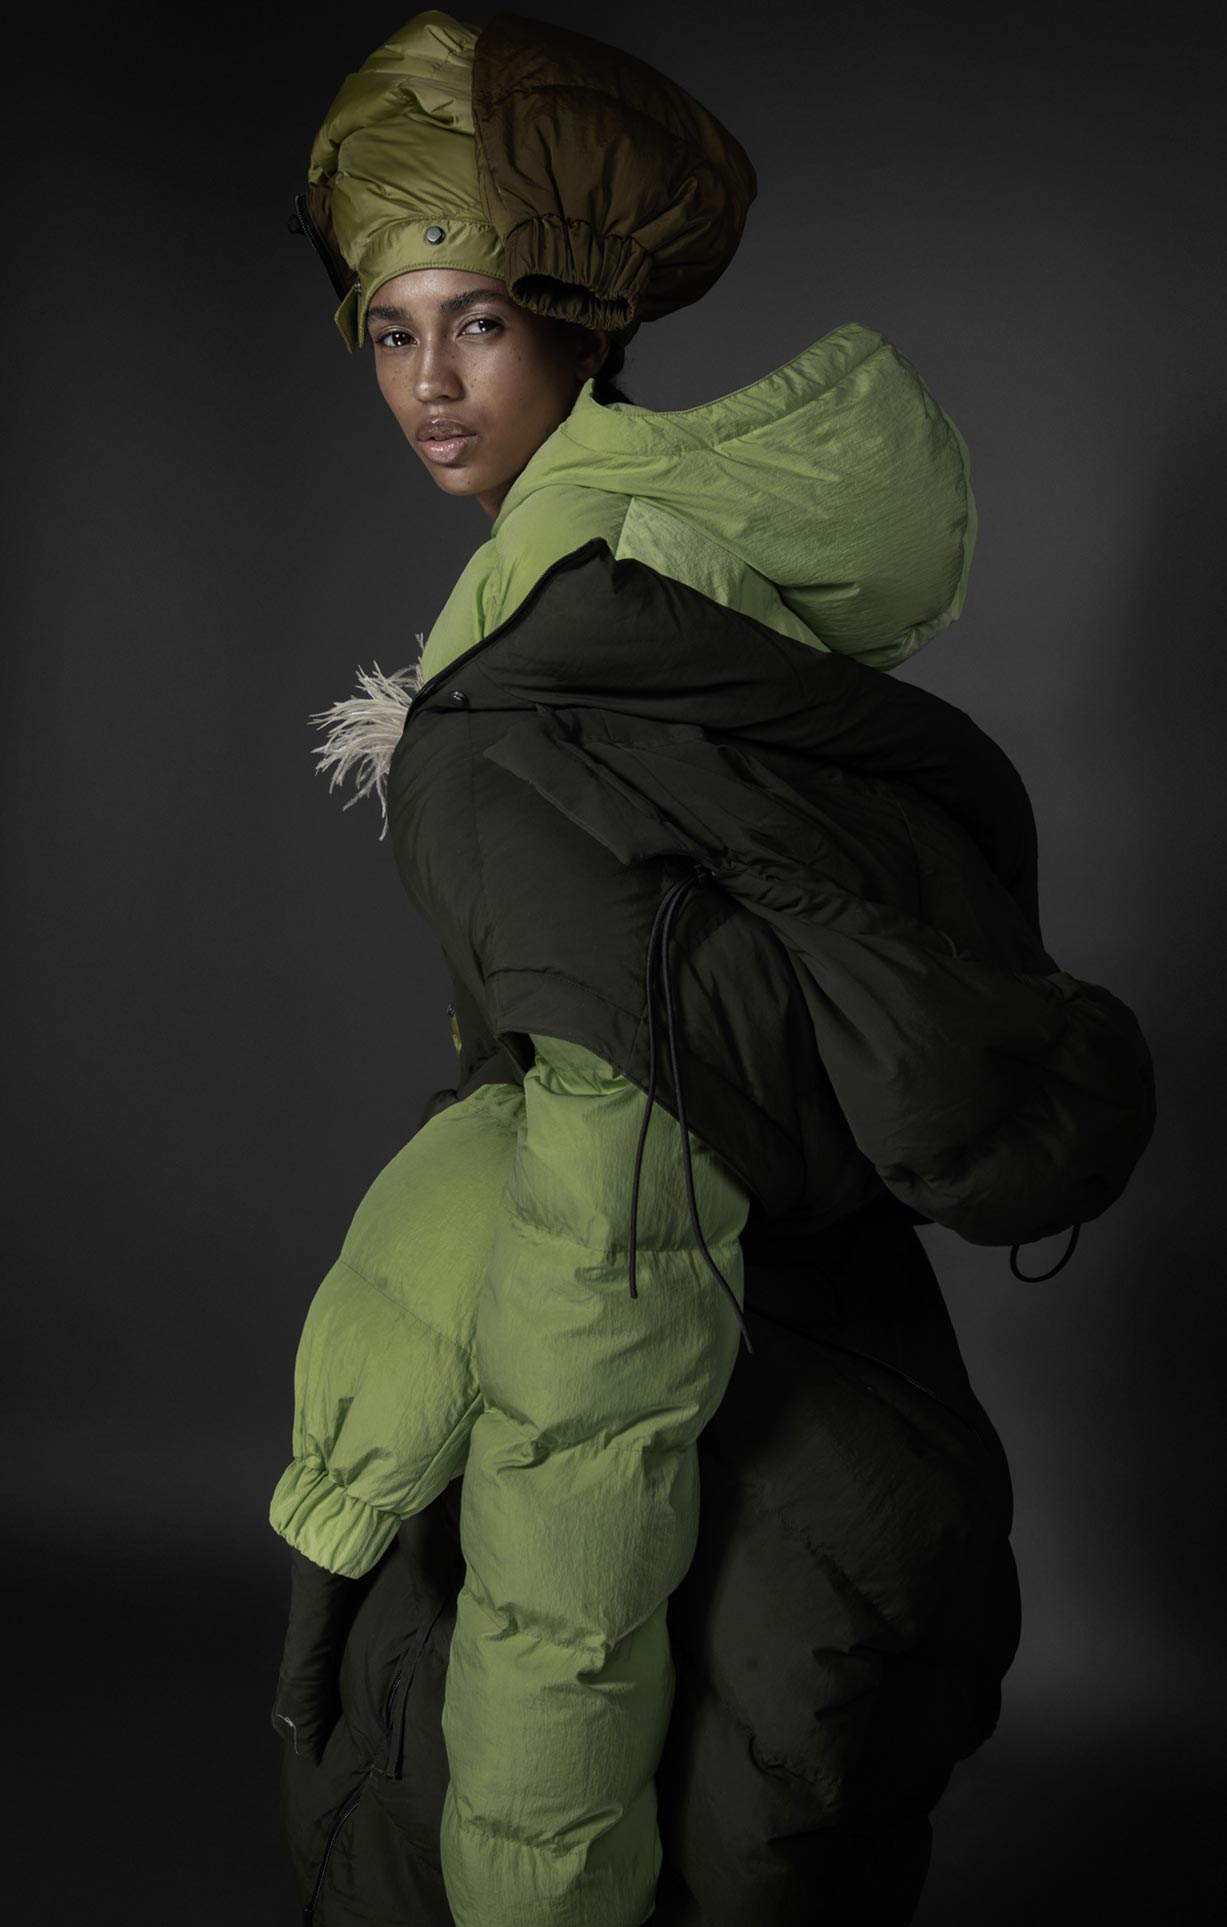 Нетрадиционный взгляд на модную одежду / фото 05